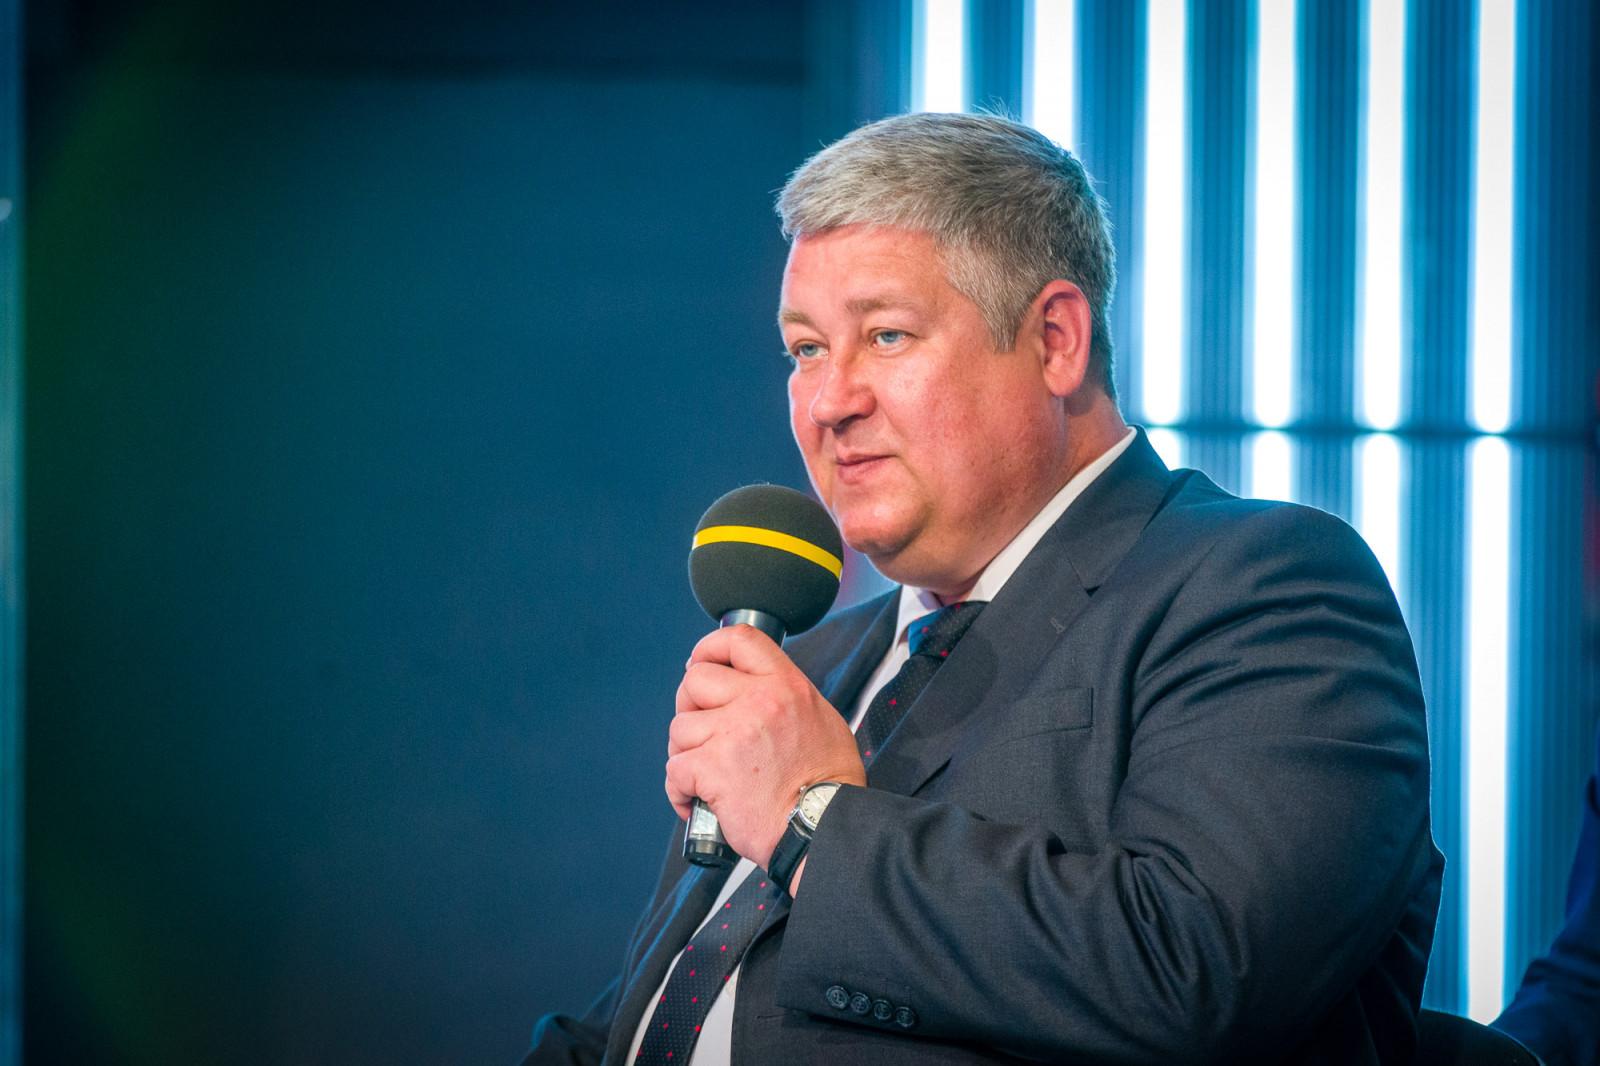 Заместитель губернатора Югры Андрей Зобницев с 27 июля покидает пост по собственному желанию. Соответствующее распоряжение подписала сегодня глава региона Наталья Комарова.